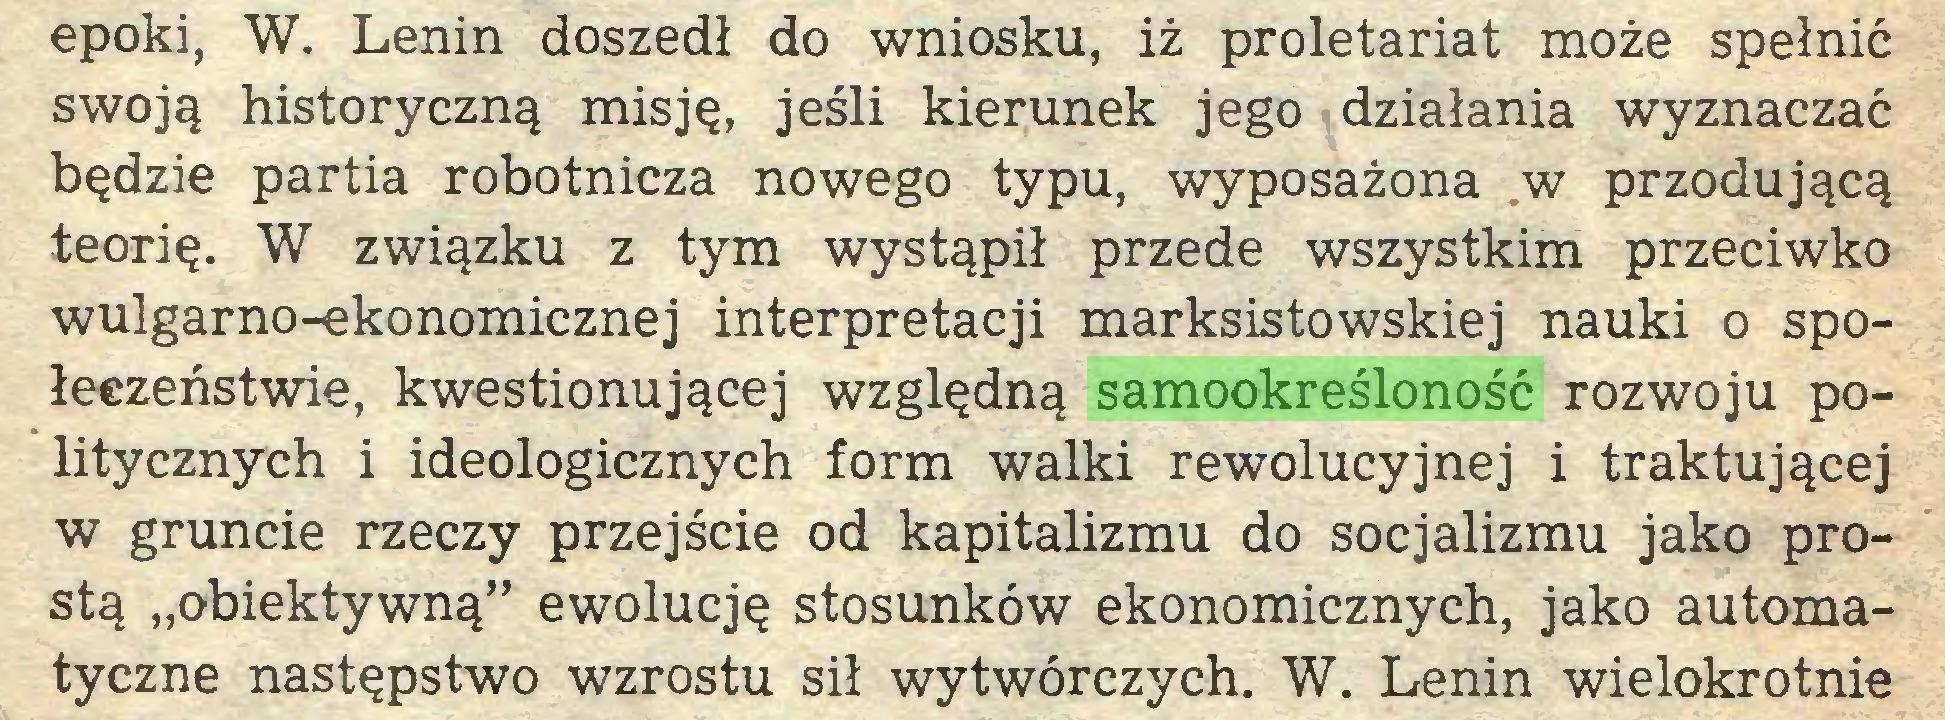 """(...) epoki, W. Lenin doszedł do wniosku, iż proletariat może spełnić swoją historyczną misję, jeśli kierunek jego działania wyznaczać będzie partia robotnicza nowego typu, wyposażona w przodującą teorię. W związku z tym wystąpił przede wszystkim przeciwko wulgarno-ekonomicznej interpretacji marksistowskiej nauki o społeczeństwie, kwestionującej względną samookreśloność rozwoju politycznych i ideologicznych form walki rewolucyjnej i traktującej w gruncie rzeczy przejście od kapitalizmu do socjalizmu jako prostą """"obiektywną"""" ewolucję stosunków ekonomicznych, jako automatyczne następstwo wzrostu sił wytwórczych. W. Lenin wielokrotnie..."""